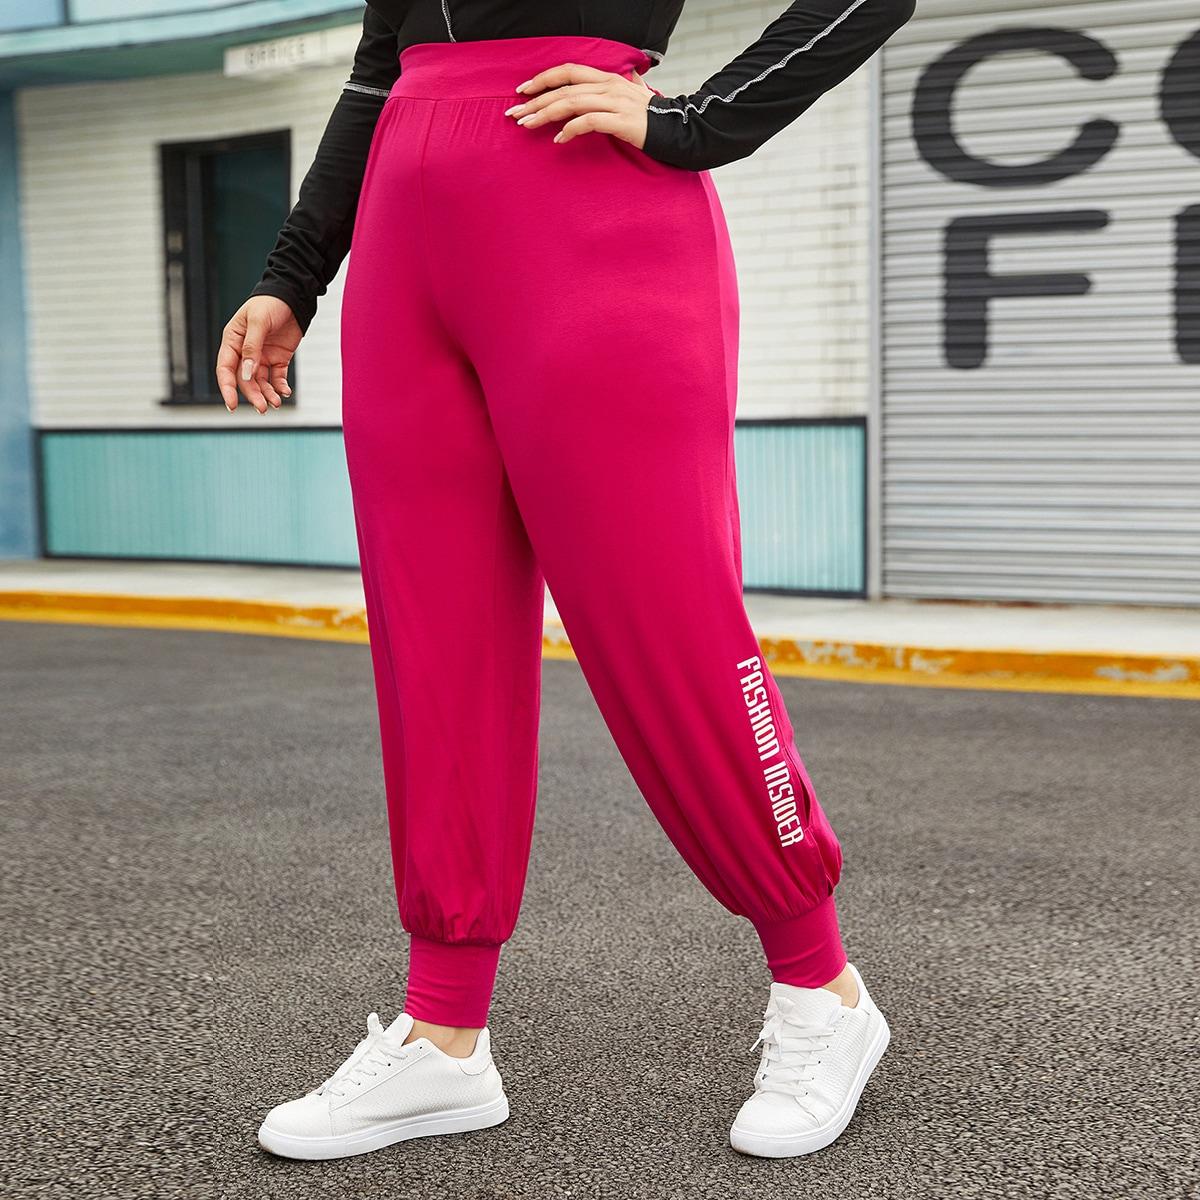 Буква спортивный брюки размер плюс